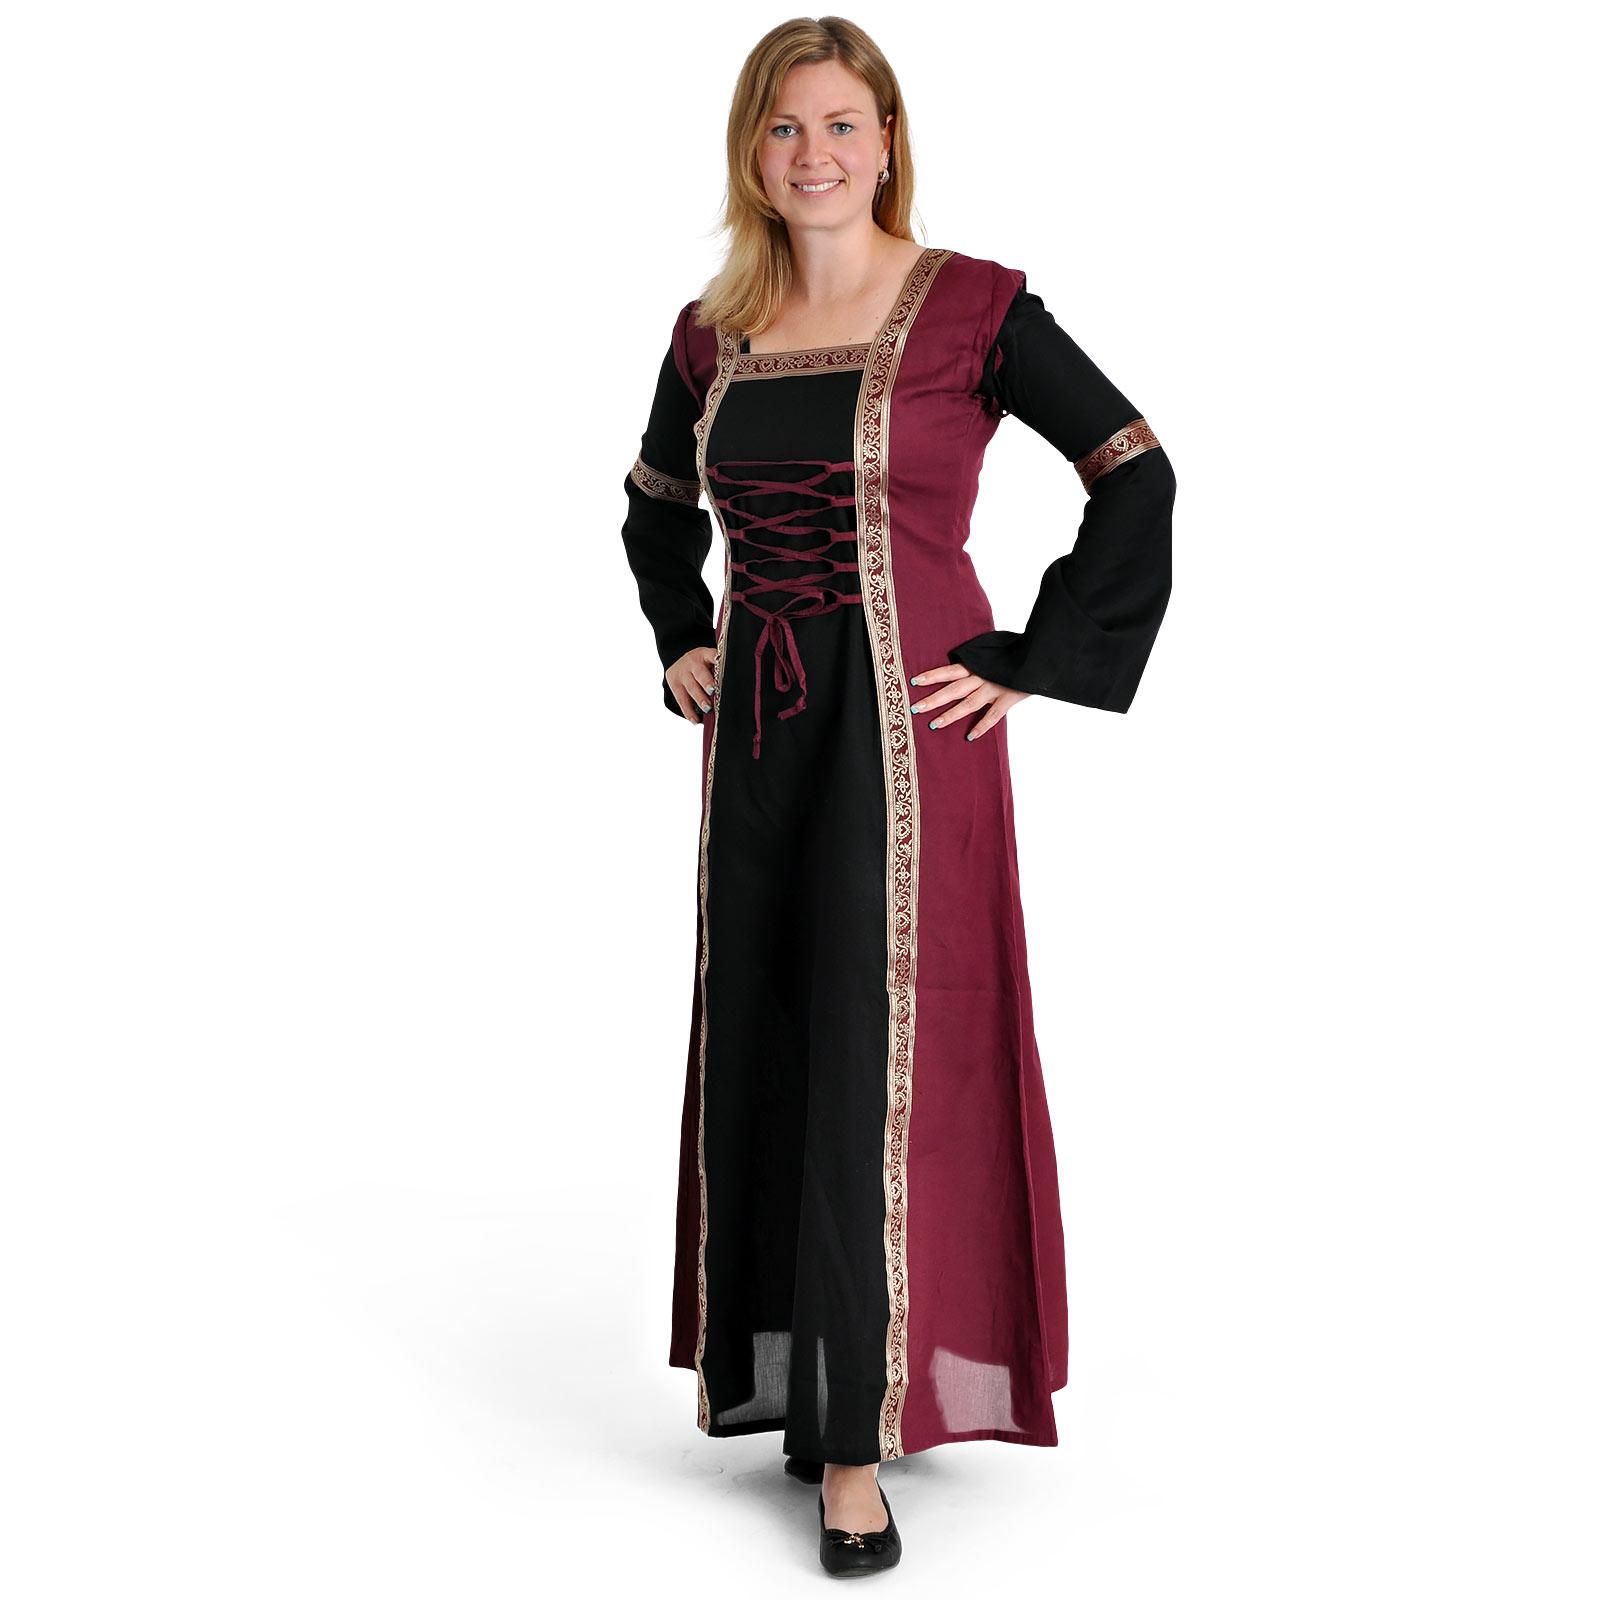 Mittelalter Kleid Applonia mit abnehmbaren Ärmeln schwarz-bordeaux